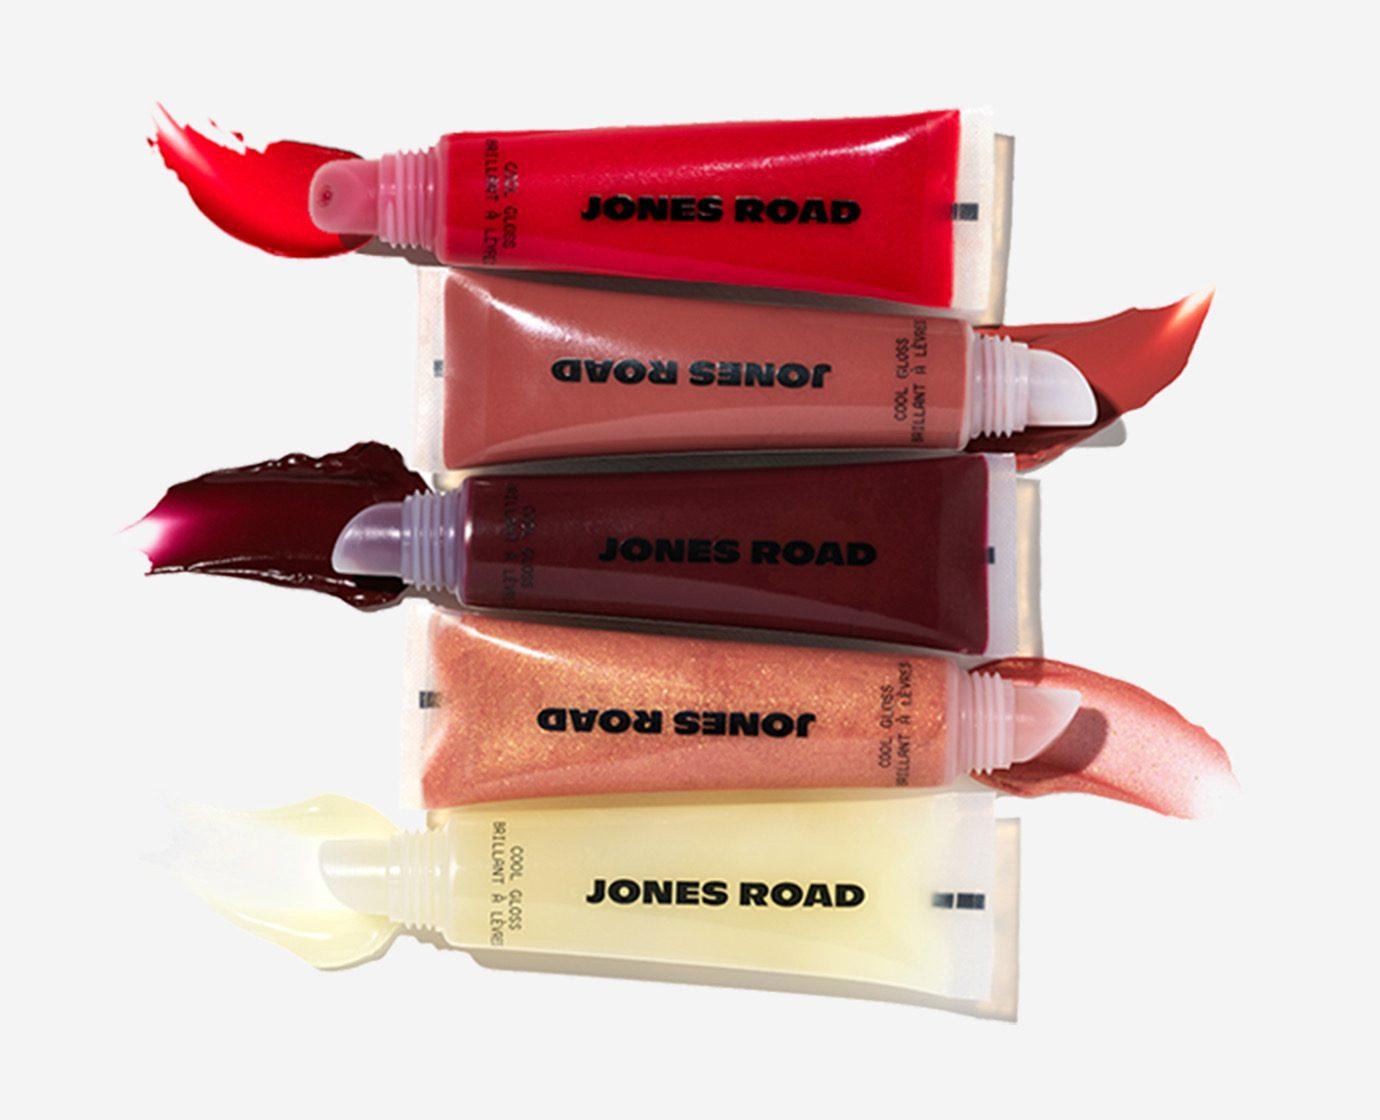 Jones Road